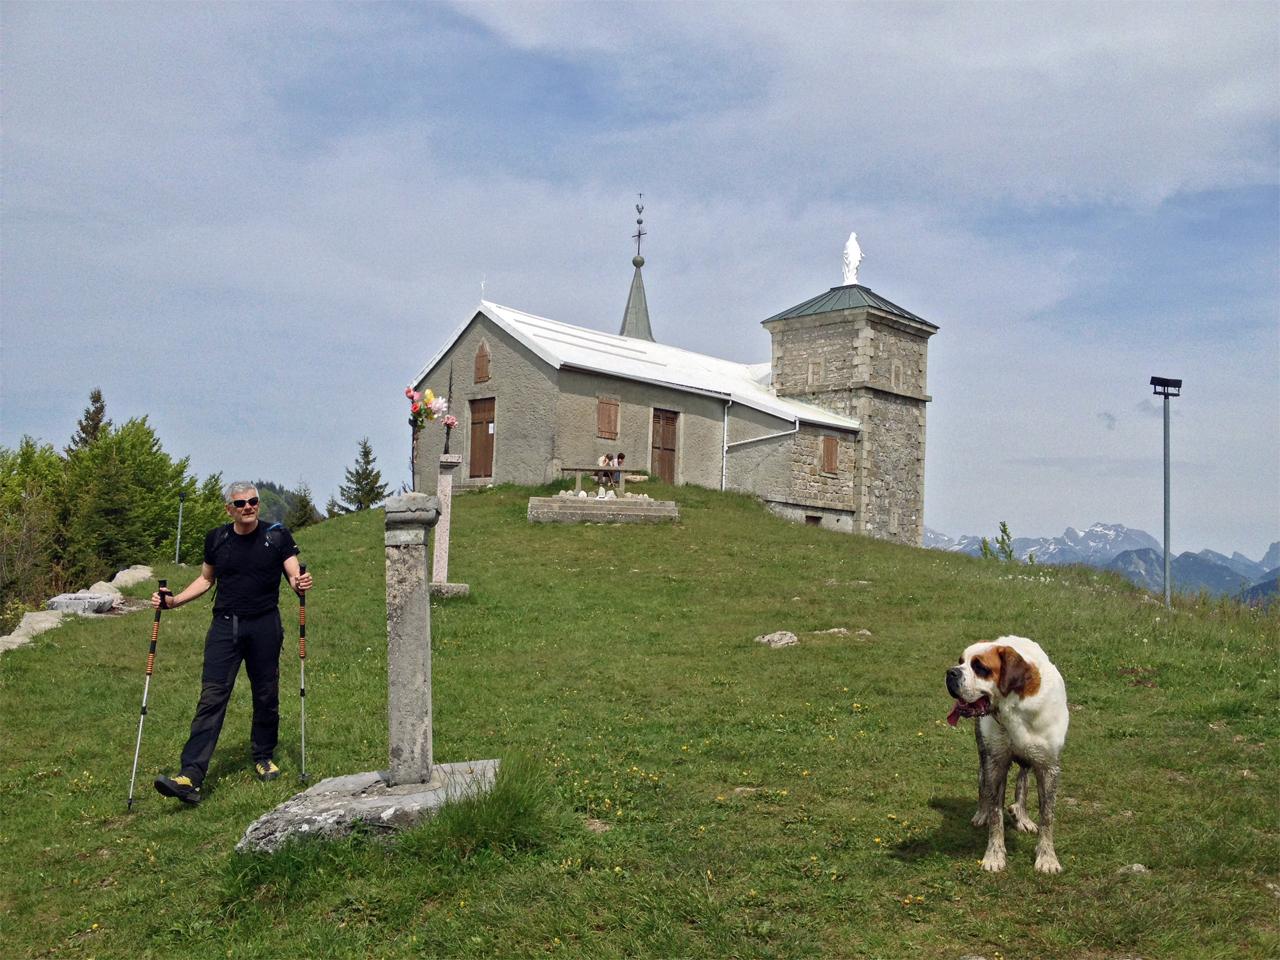 Activiteiten - Wandelen bij kerkje